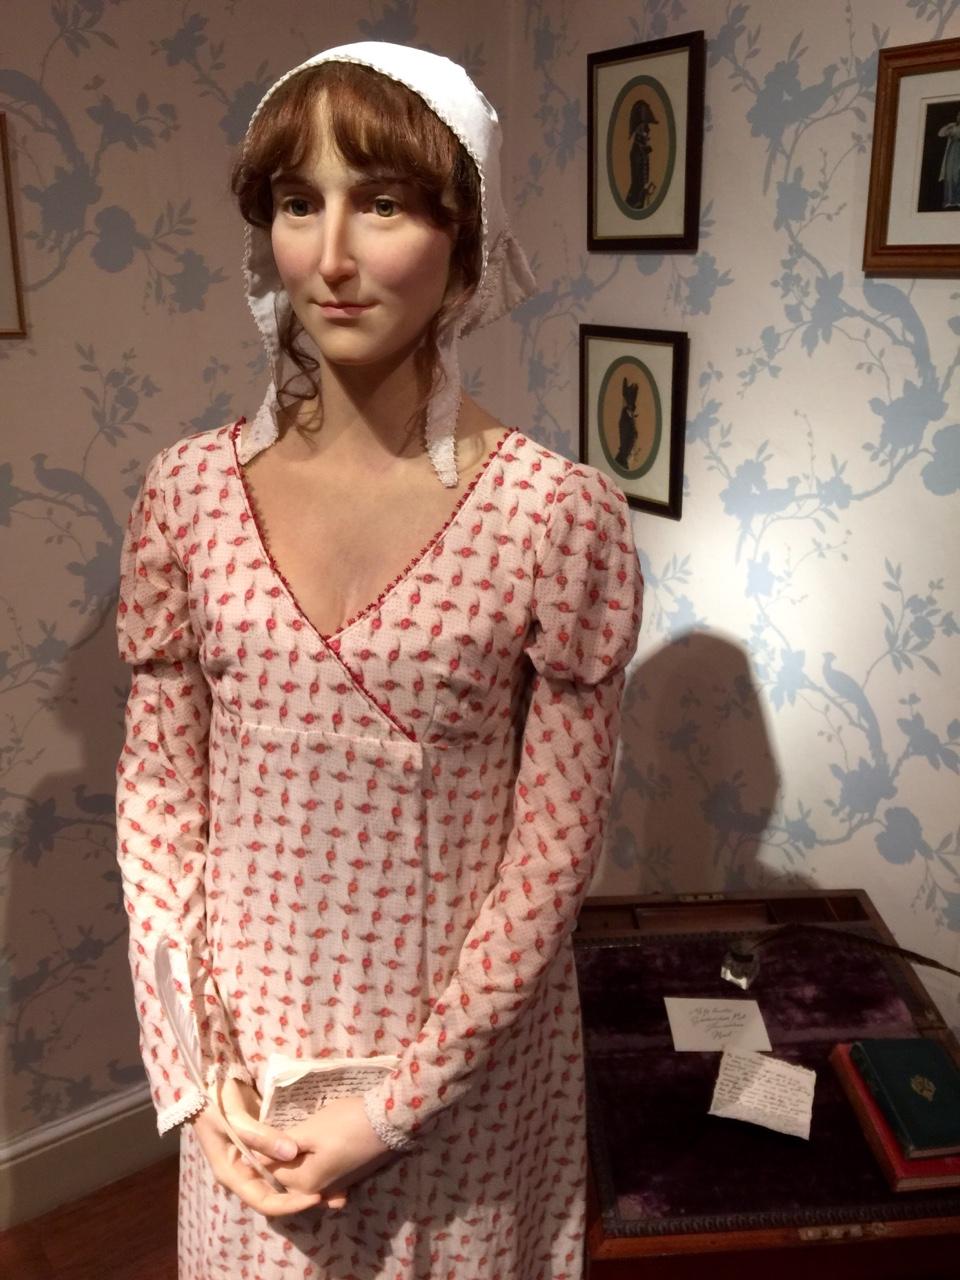 Jane Austen Waxwork - Jane Austen Centre in Bath, United Kingdom